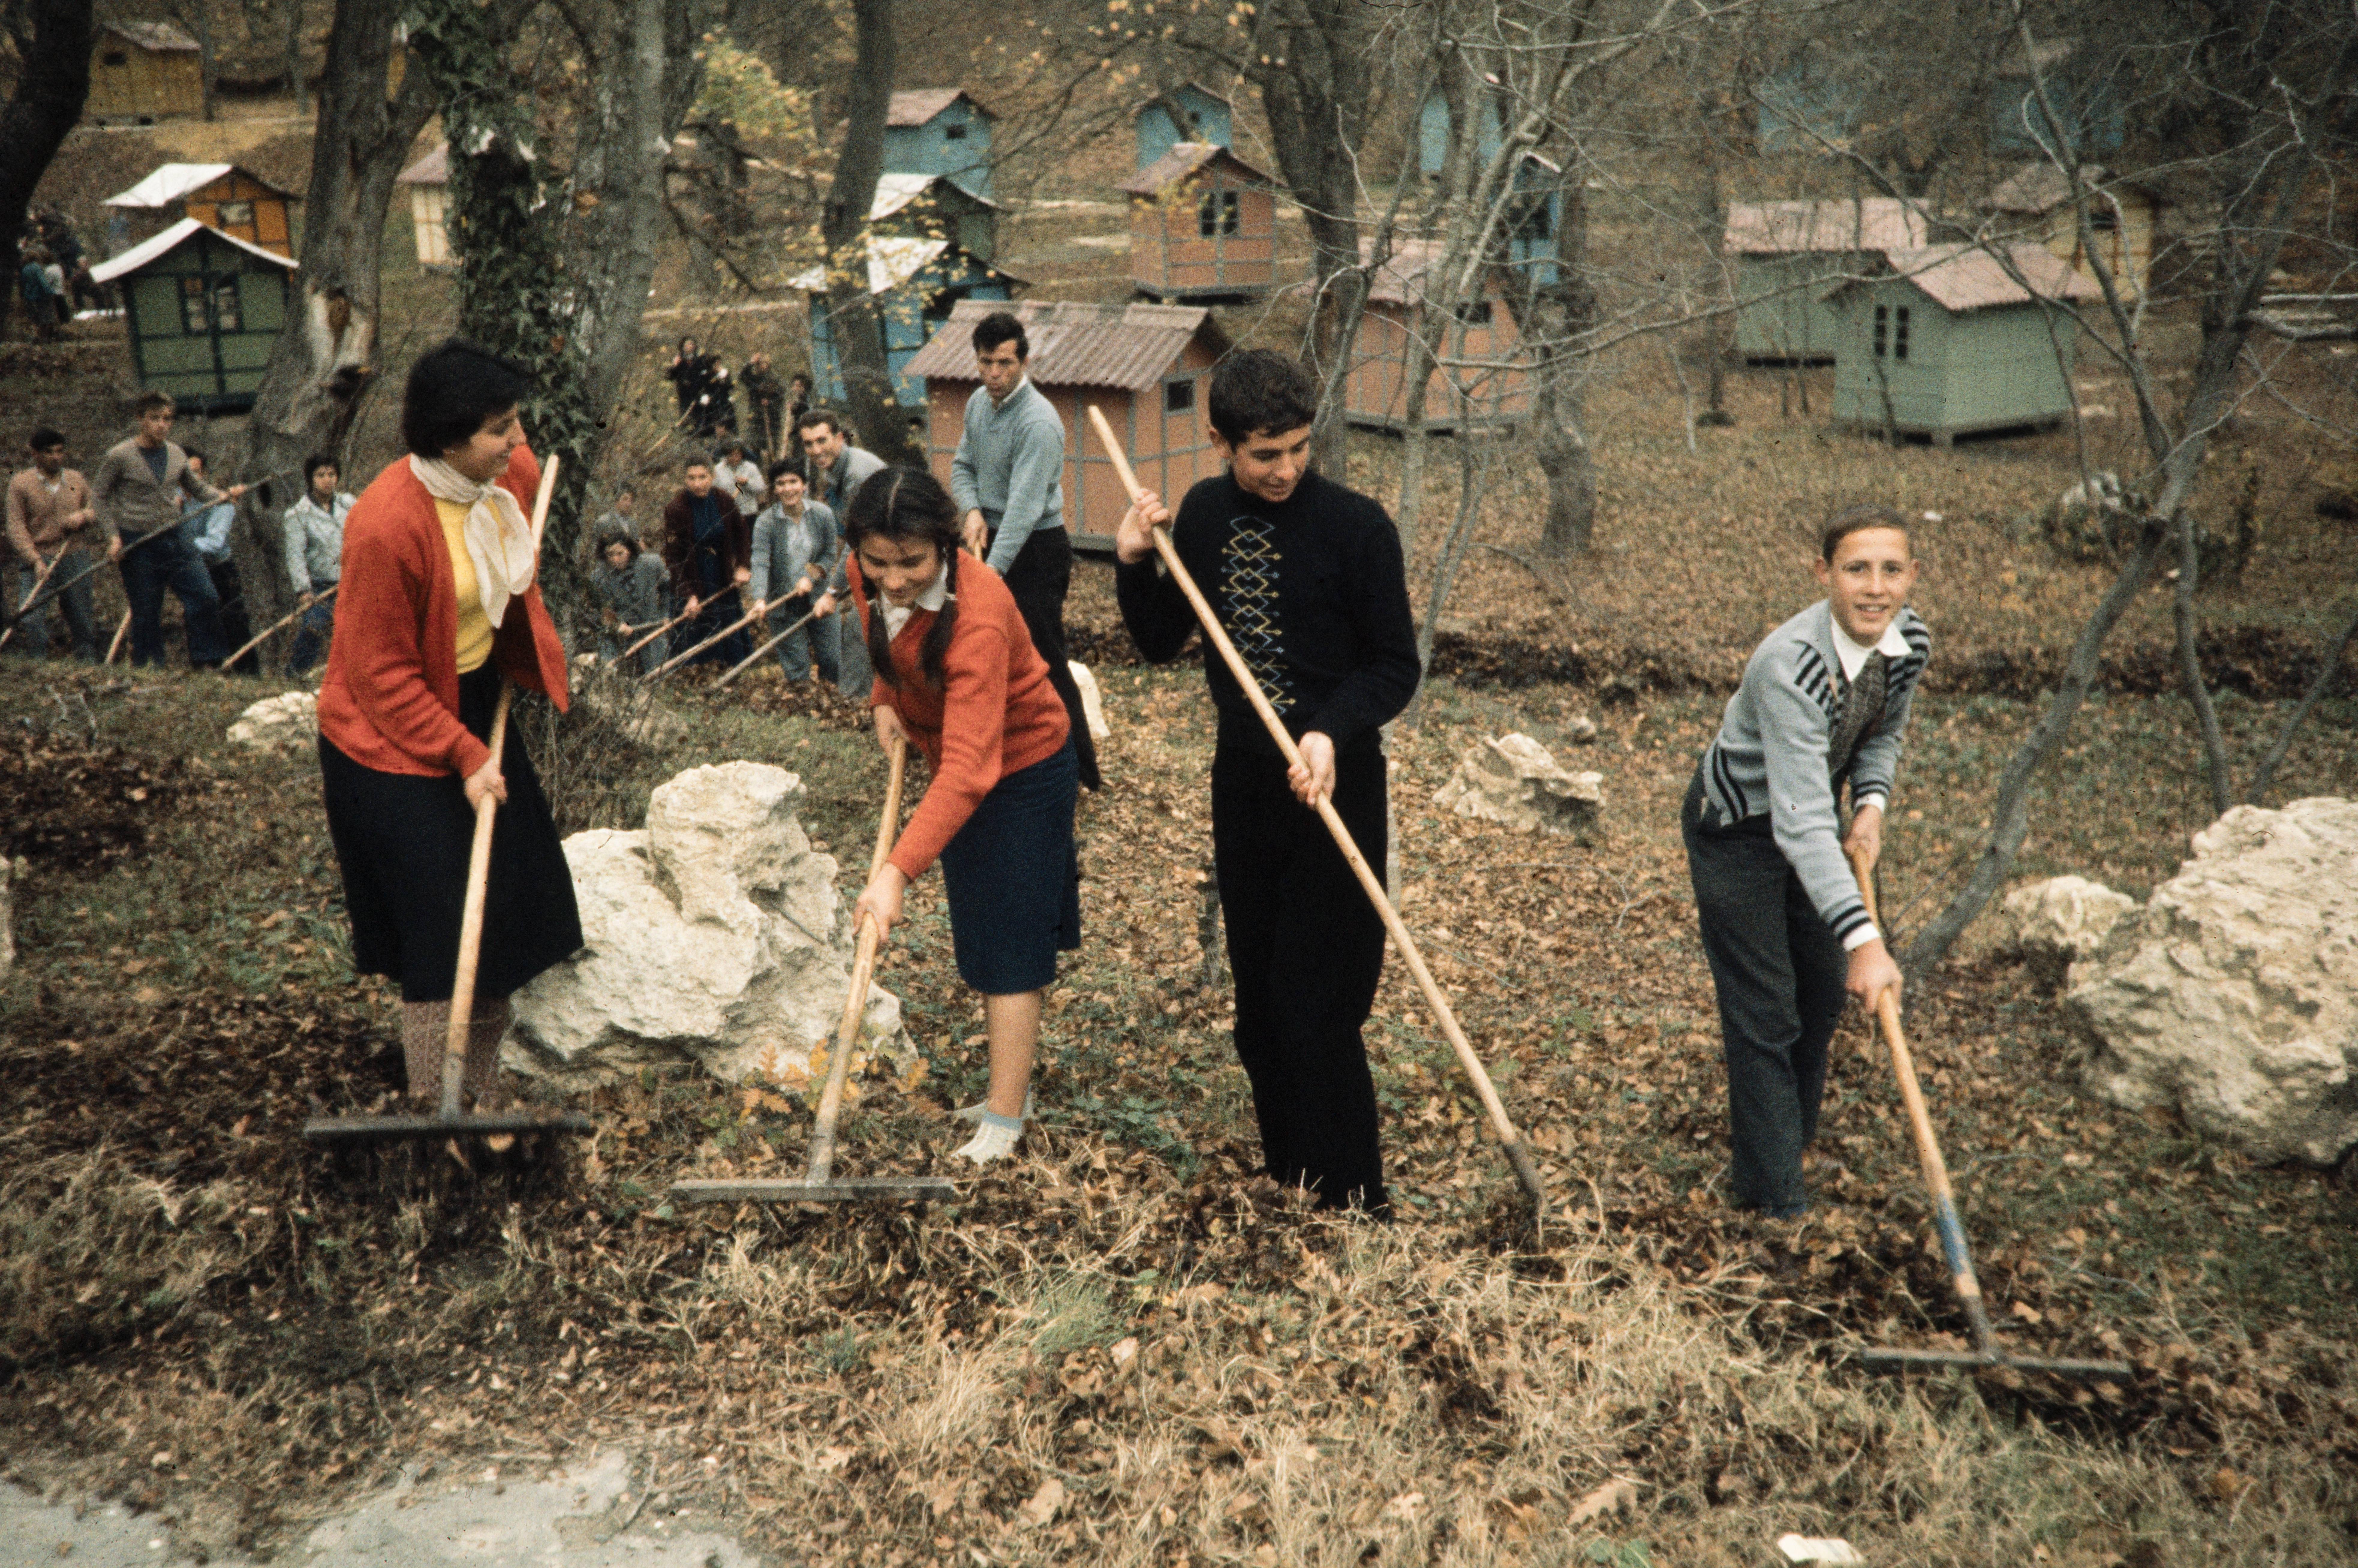 сгребание листьев в лагере молодых пионеров.jpg